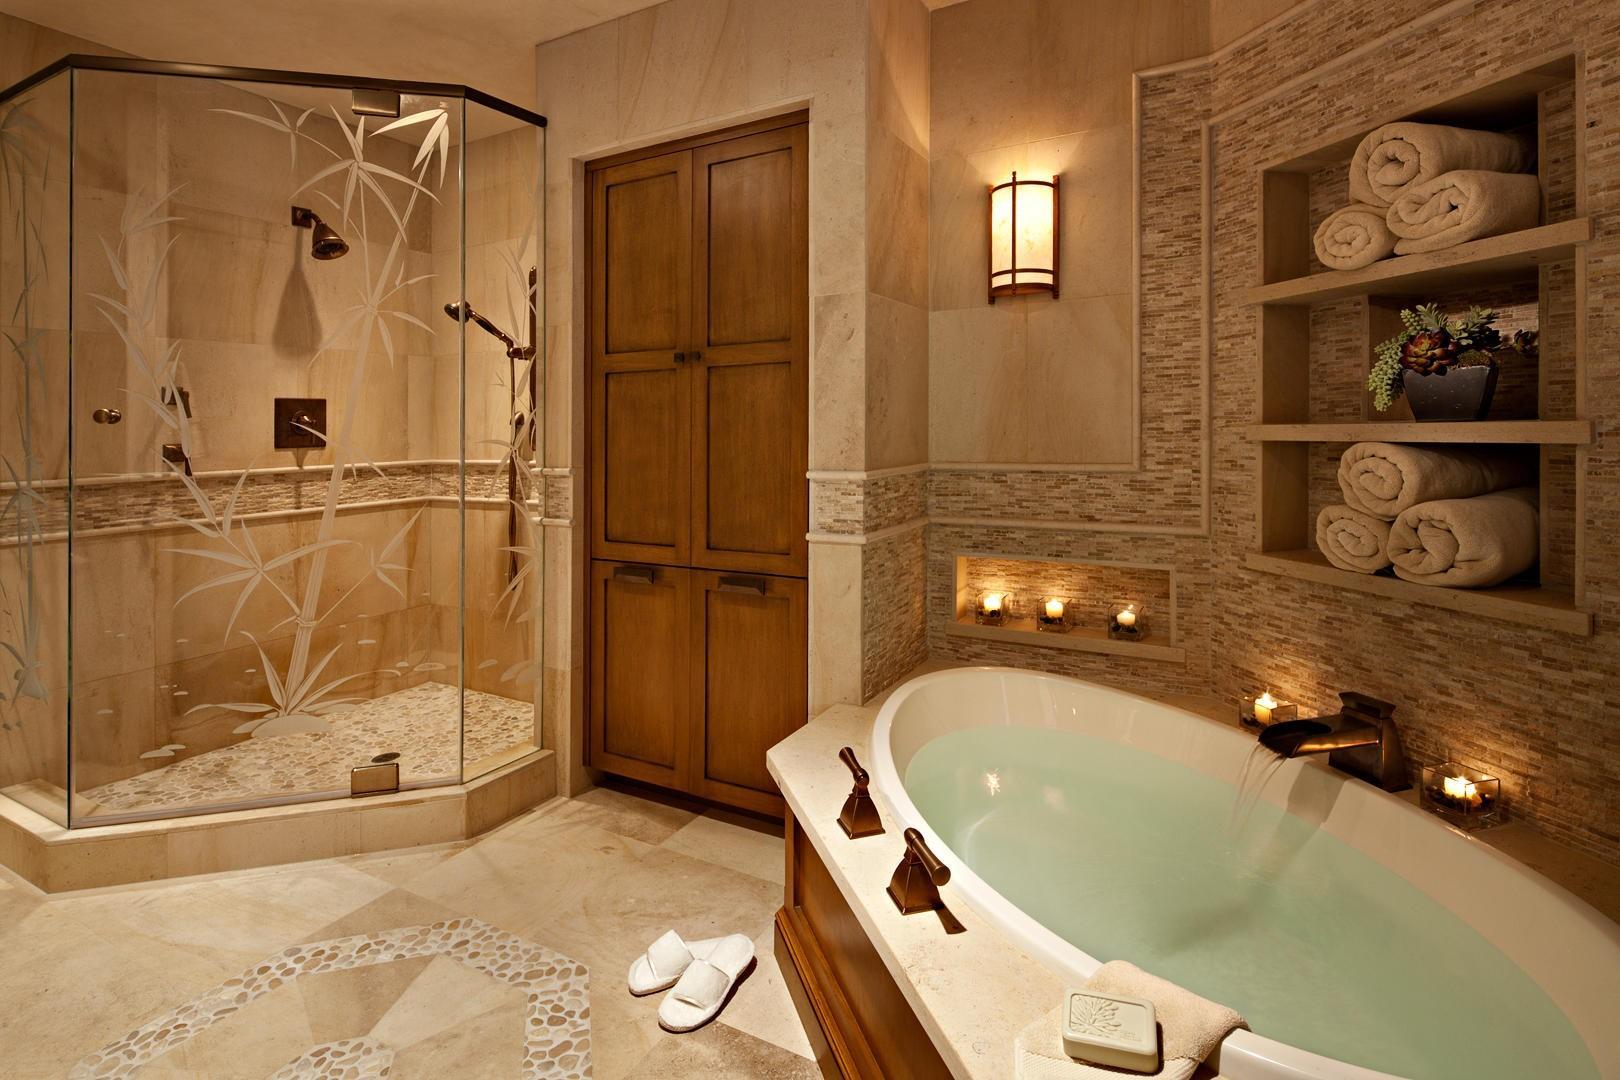 Объем стандартной ванны вмещает в себя приблизительно 160-185 литров воды